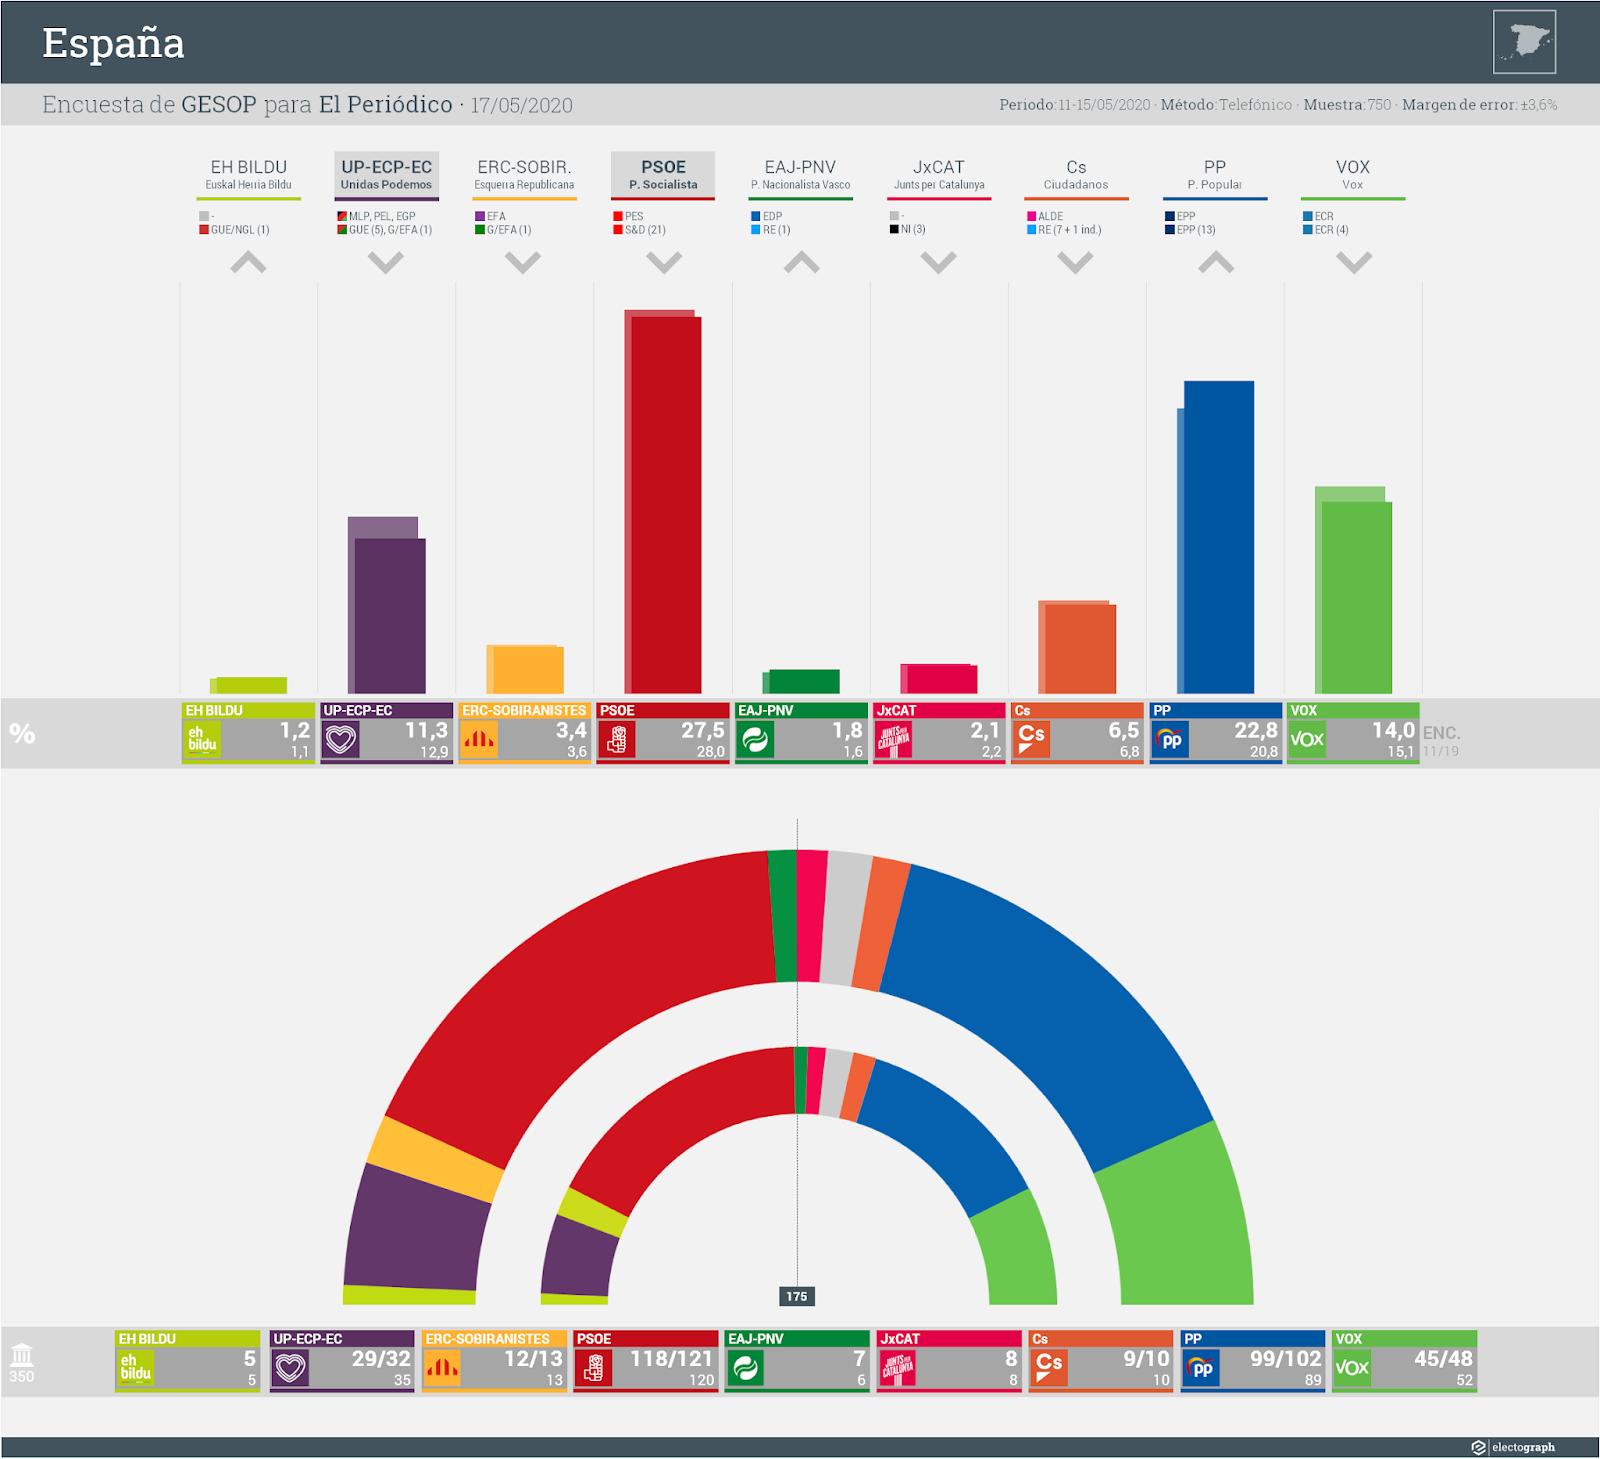 Gráfico de la encuesta para elecciones generales en España realizada por GESOP para El Periódico, 17 de mayo de 2020